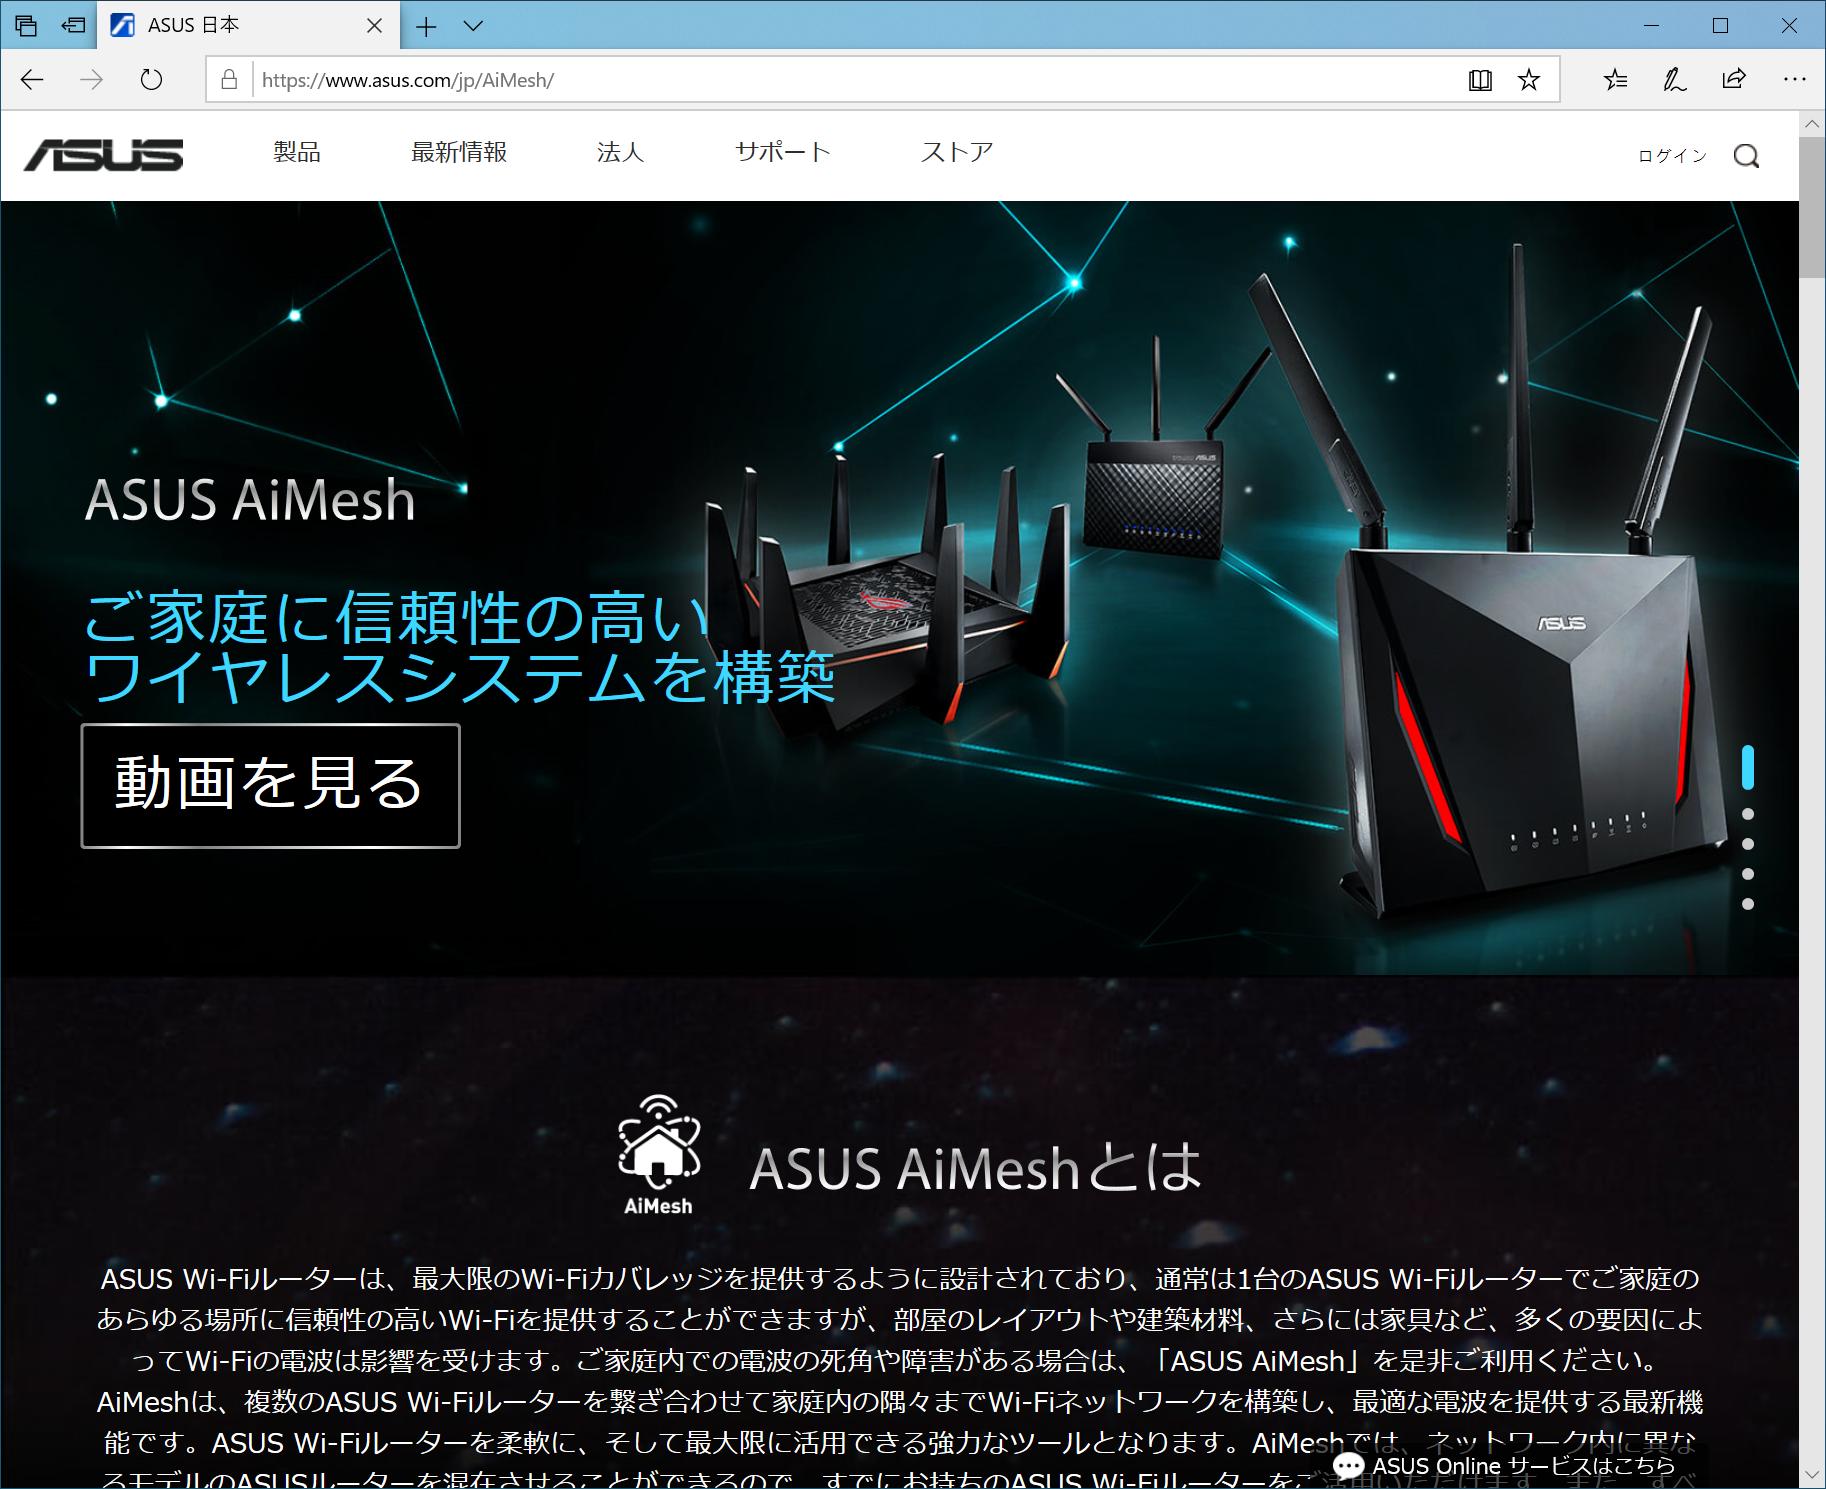 4f8f9129c6 メッシュWi-Fiを「自作」! 格安品やスピーカー付き、11axを混在できるASUS「AiMesh」【イニシャルB】 - INTERNET Watch